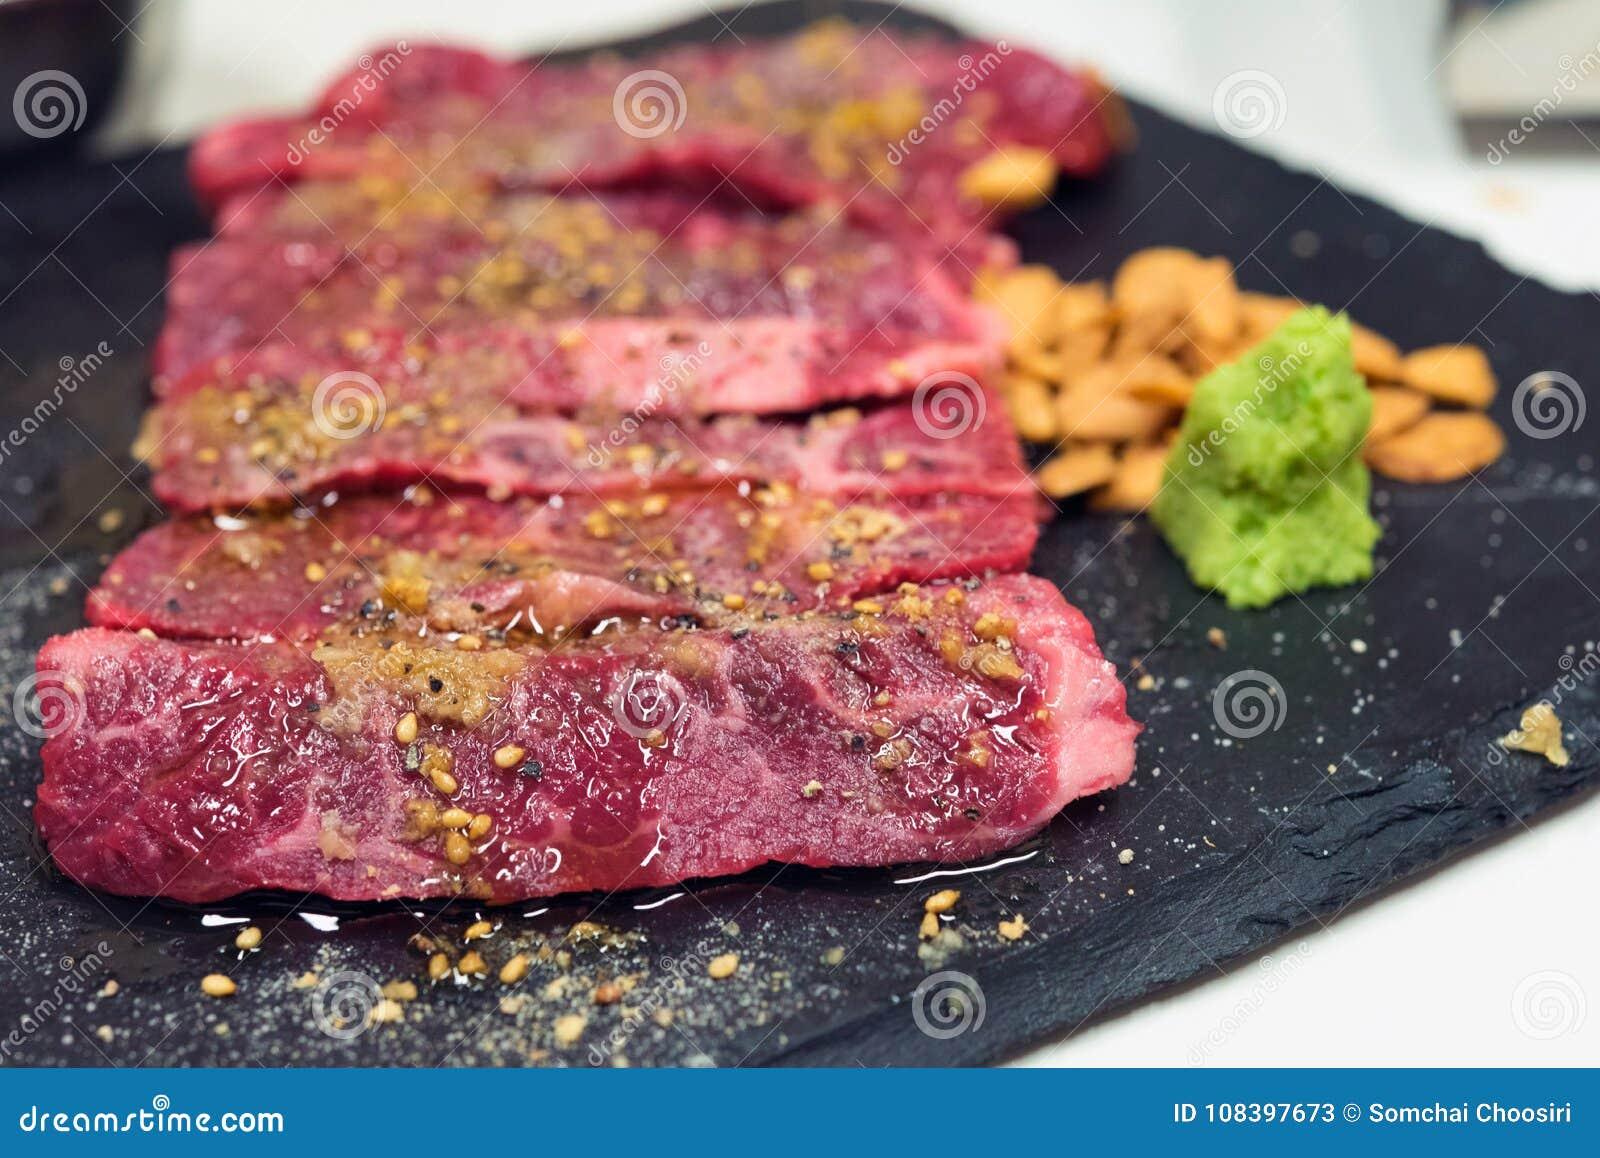 Ακατέργαστο ένζυμο βόειου κρέατος